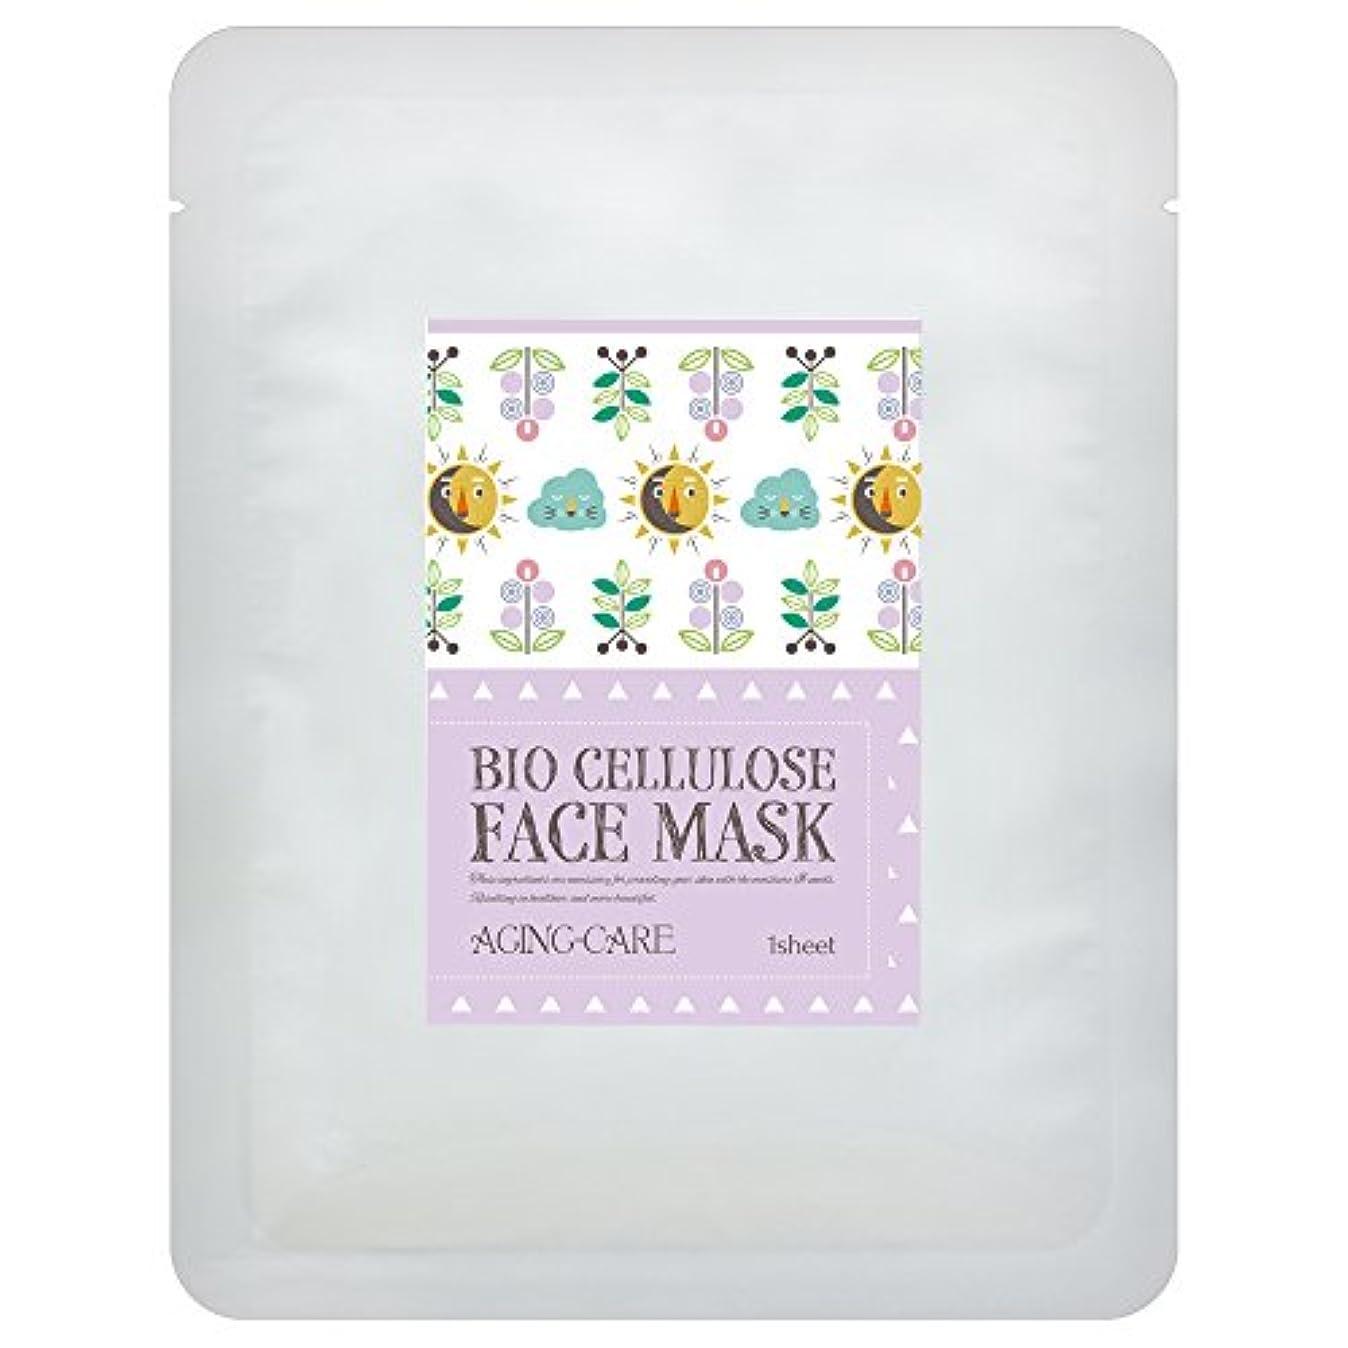 新しさ思い出分布日本製バイオセルロース フェイスマスク ANTI-AGE(エイジングケア) 1枚